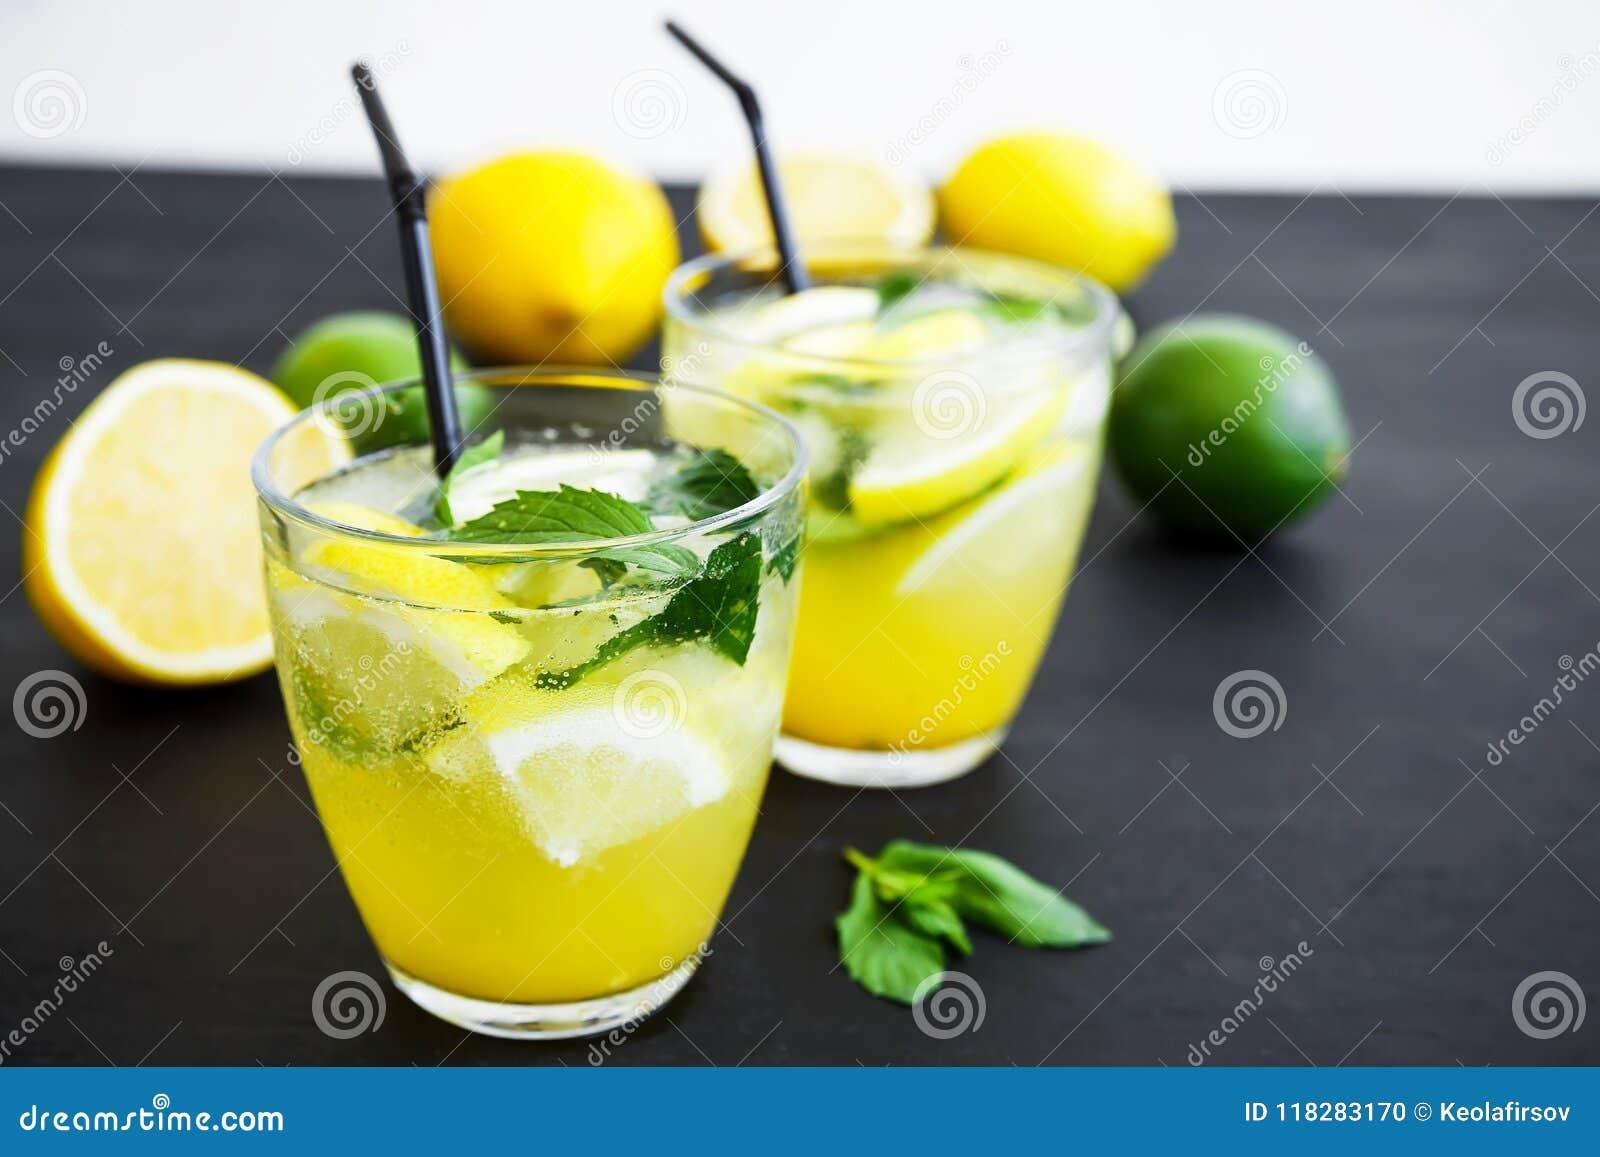 Verfrissende limonade in glas met kalk, citroenen en munt De zomerdranken